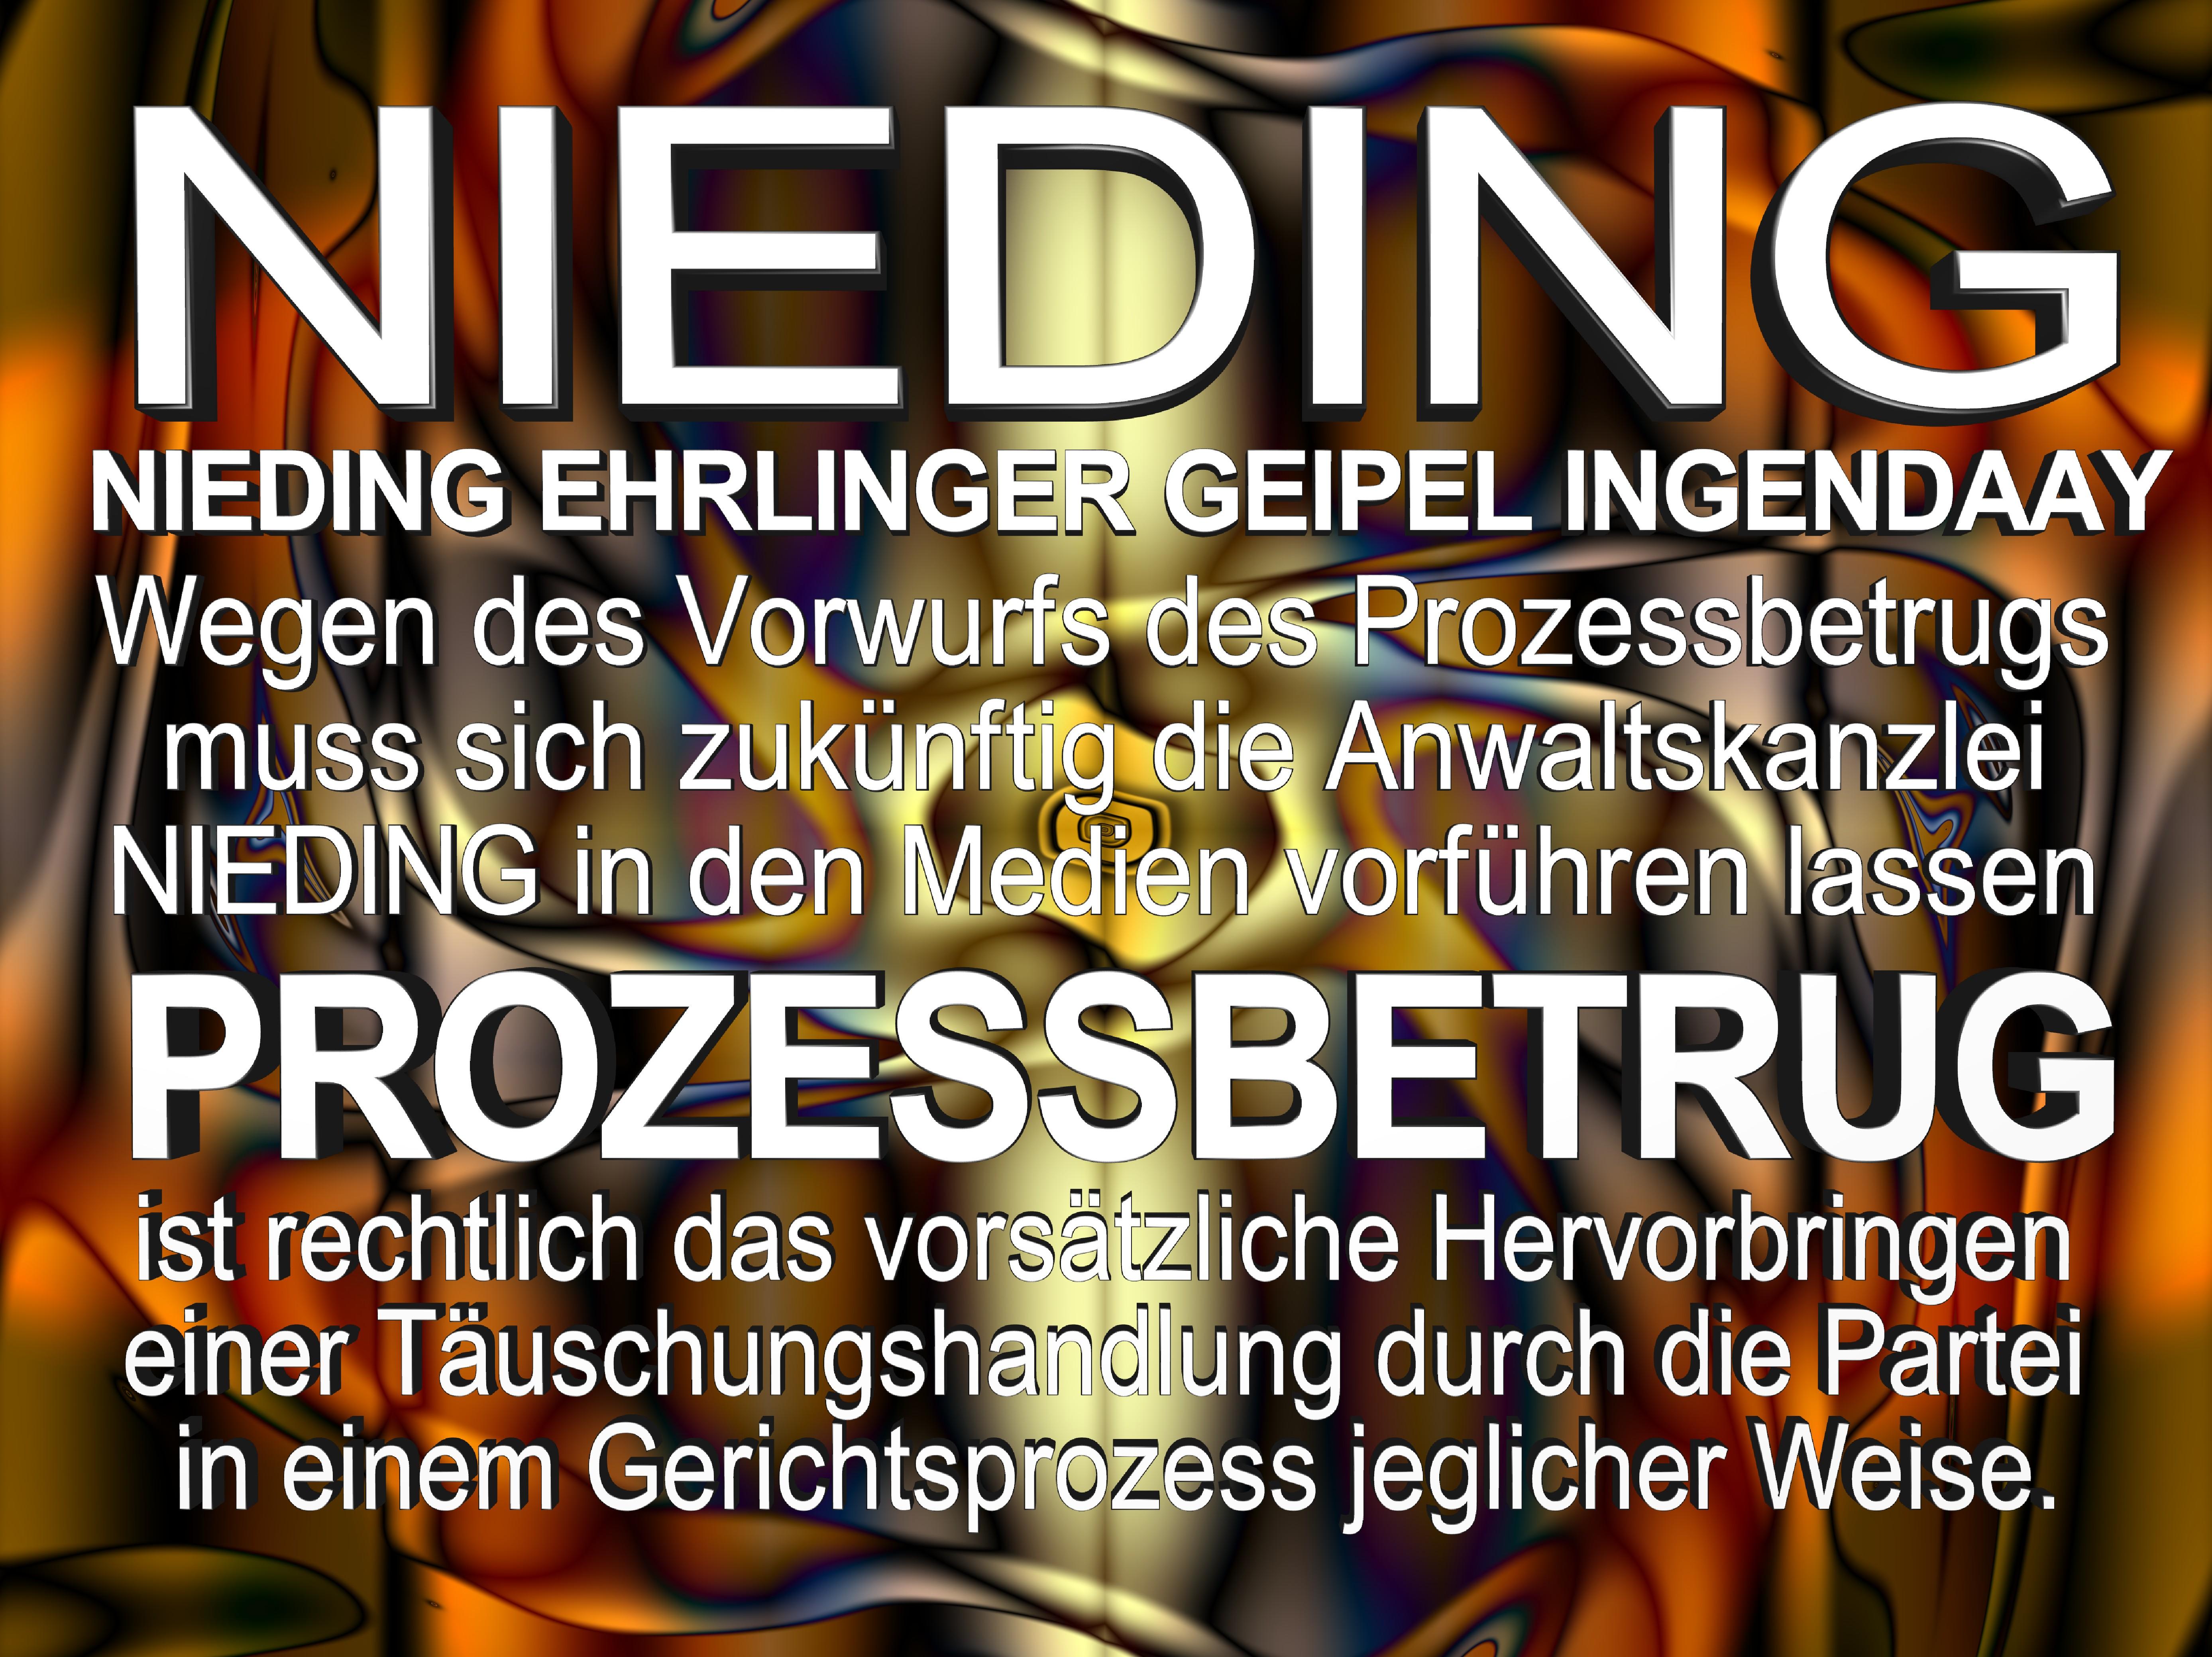 NIEDING EHRLINGER GEIPEL INGENDAAY LELKE Kurfürstendamm 66 Berlin (198)